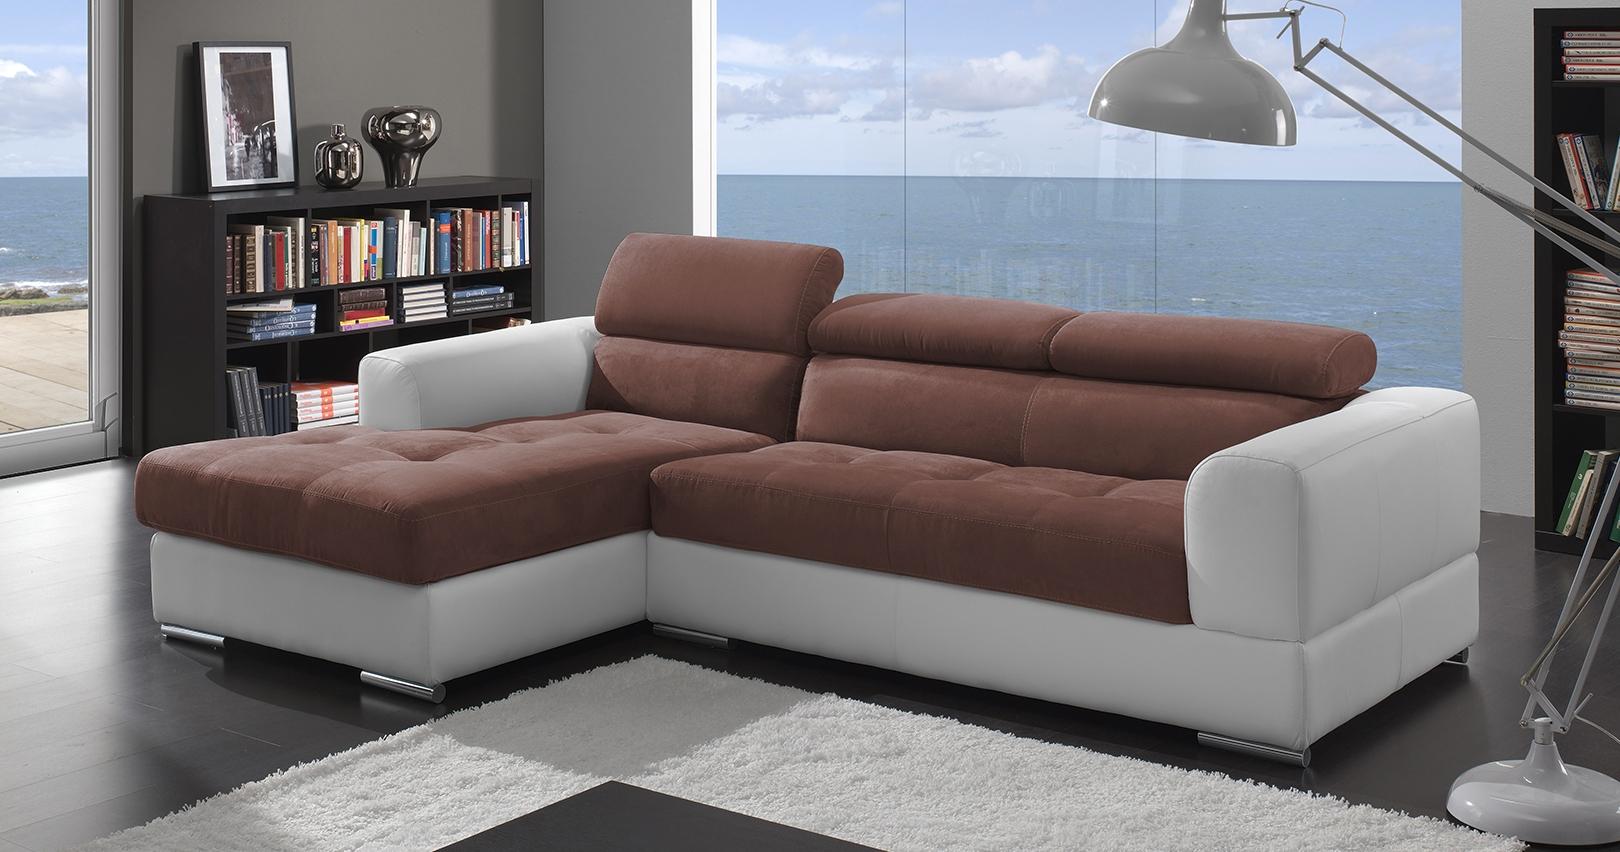 menton angle m ridienne bi mati re personnalisable sur univers du cuir. Black Bedroom Furniture Sets. Home Design Ideas